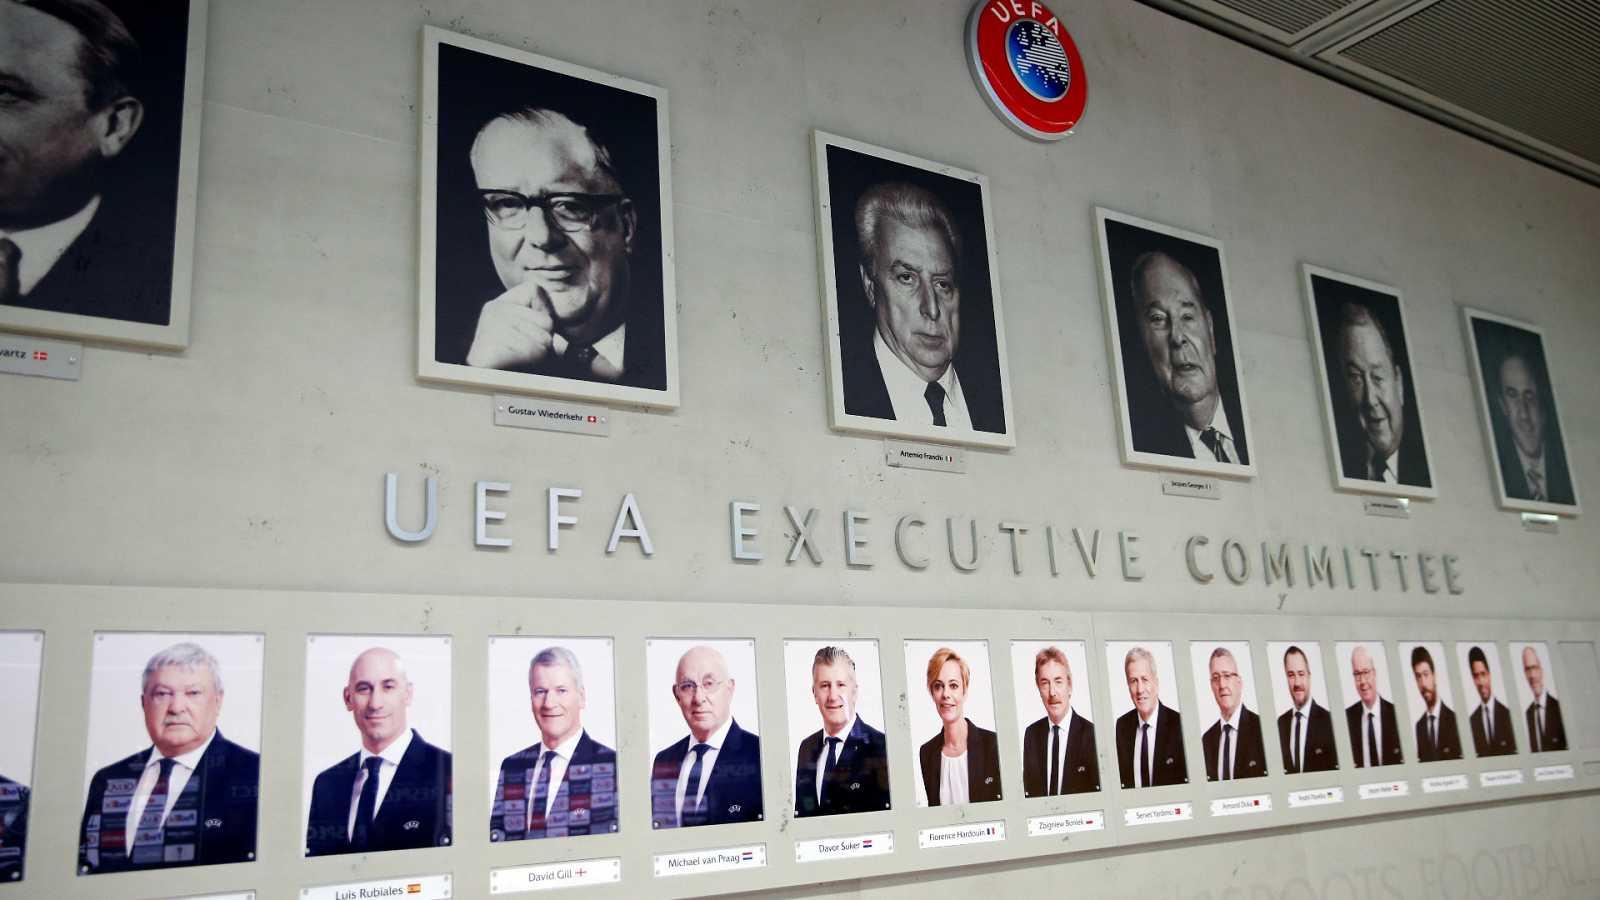 Retratos de los dirigentes actuales e históricos de la UEFA, en su sede